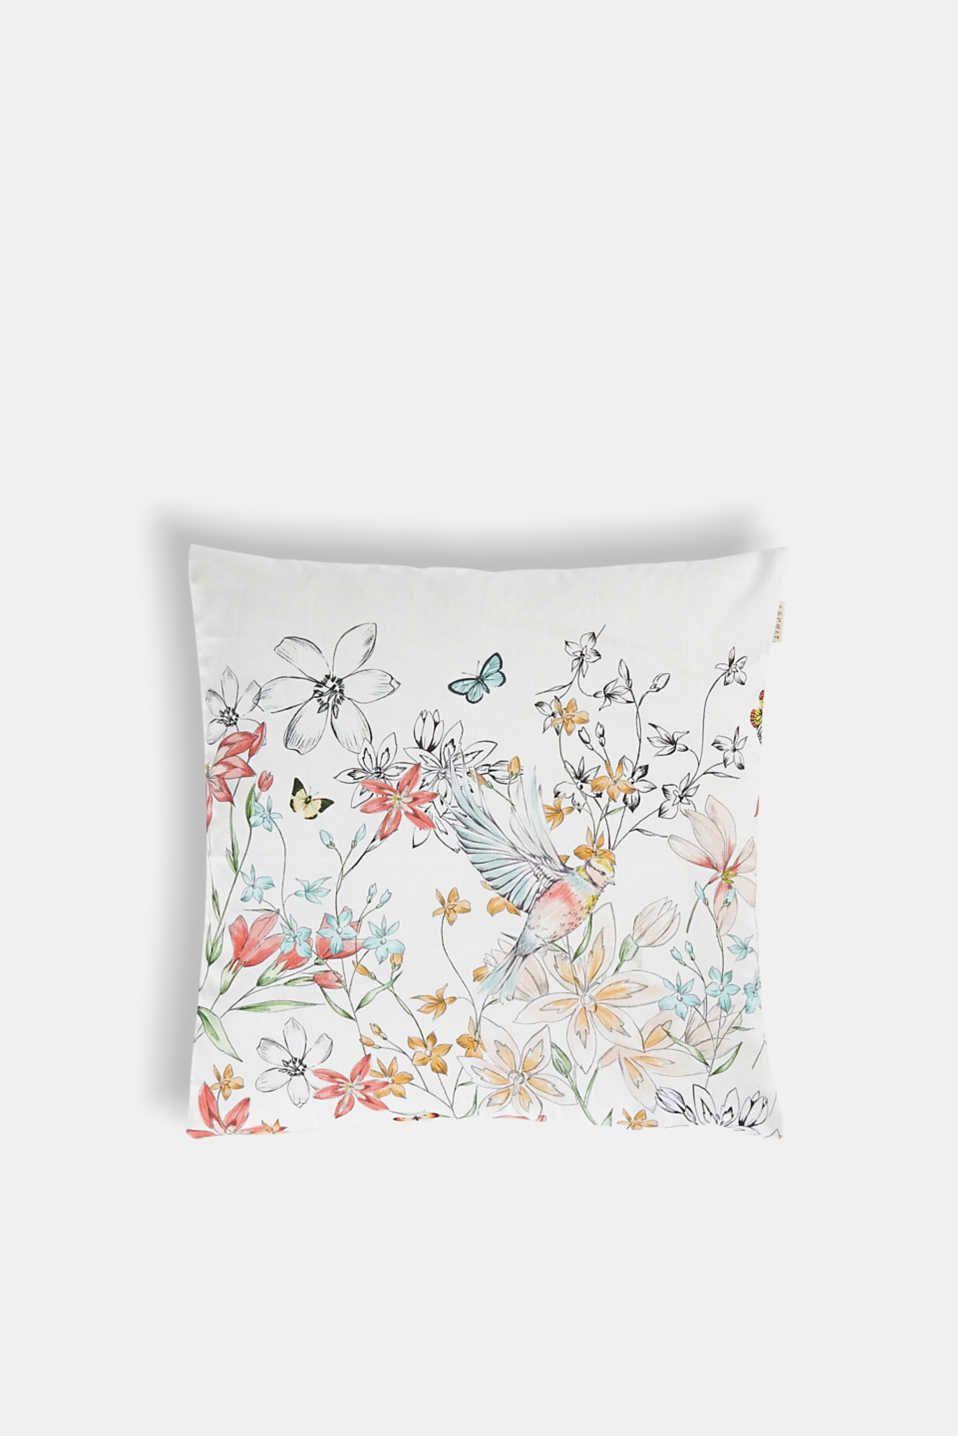 Esprit Digital Bedruckte Kissenhulle Mit Blumen Kissenhullen